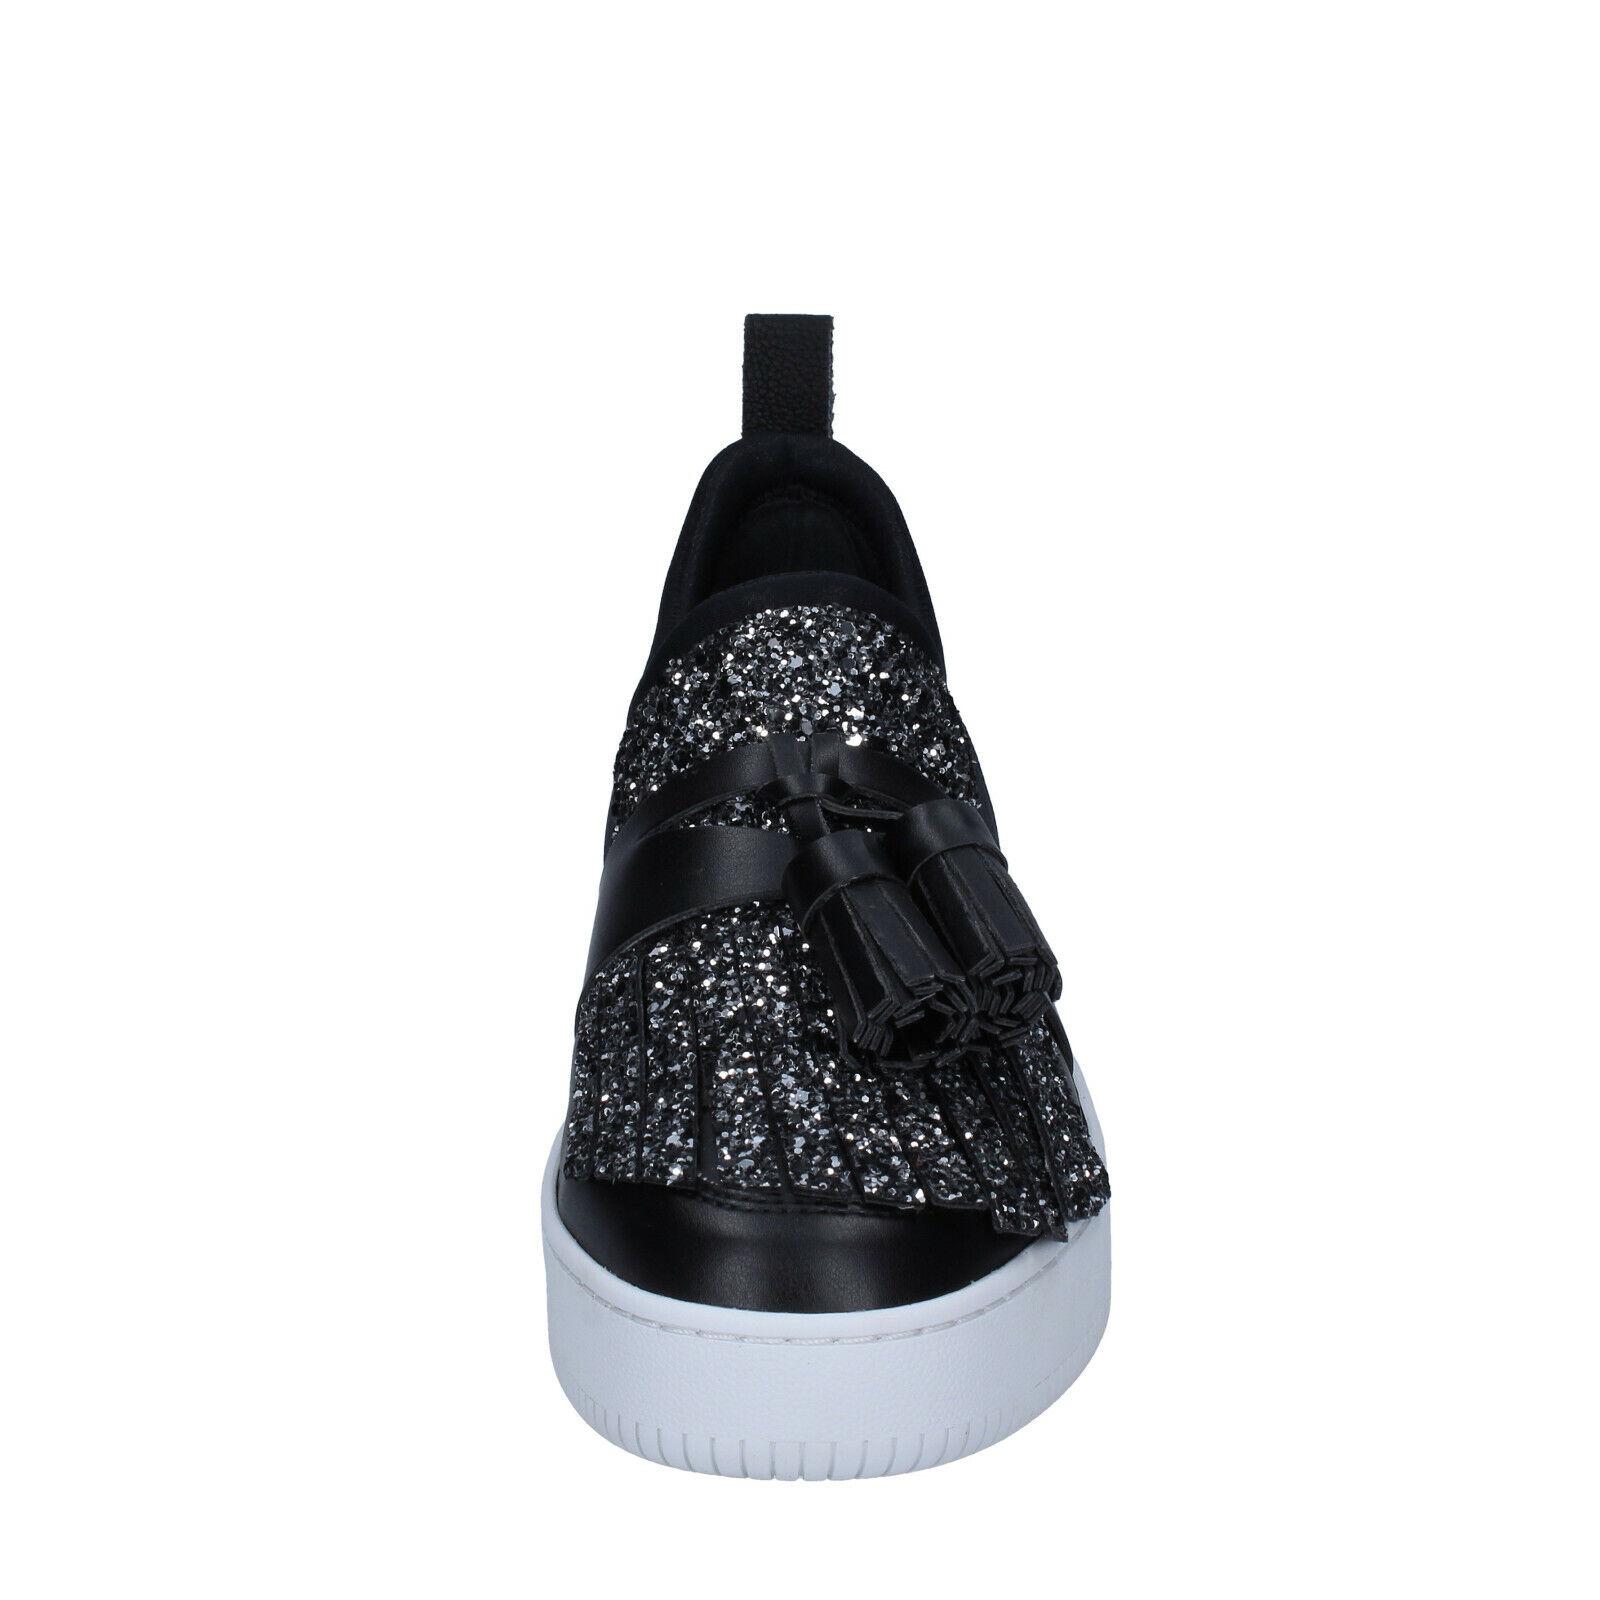 Womens shoes MY GREY GREY GREY MER 3 (EU 36) moccasins silver black glitter BS626-36 f35101